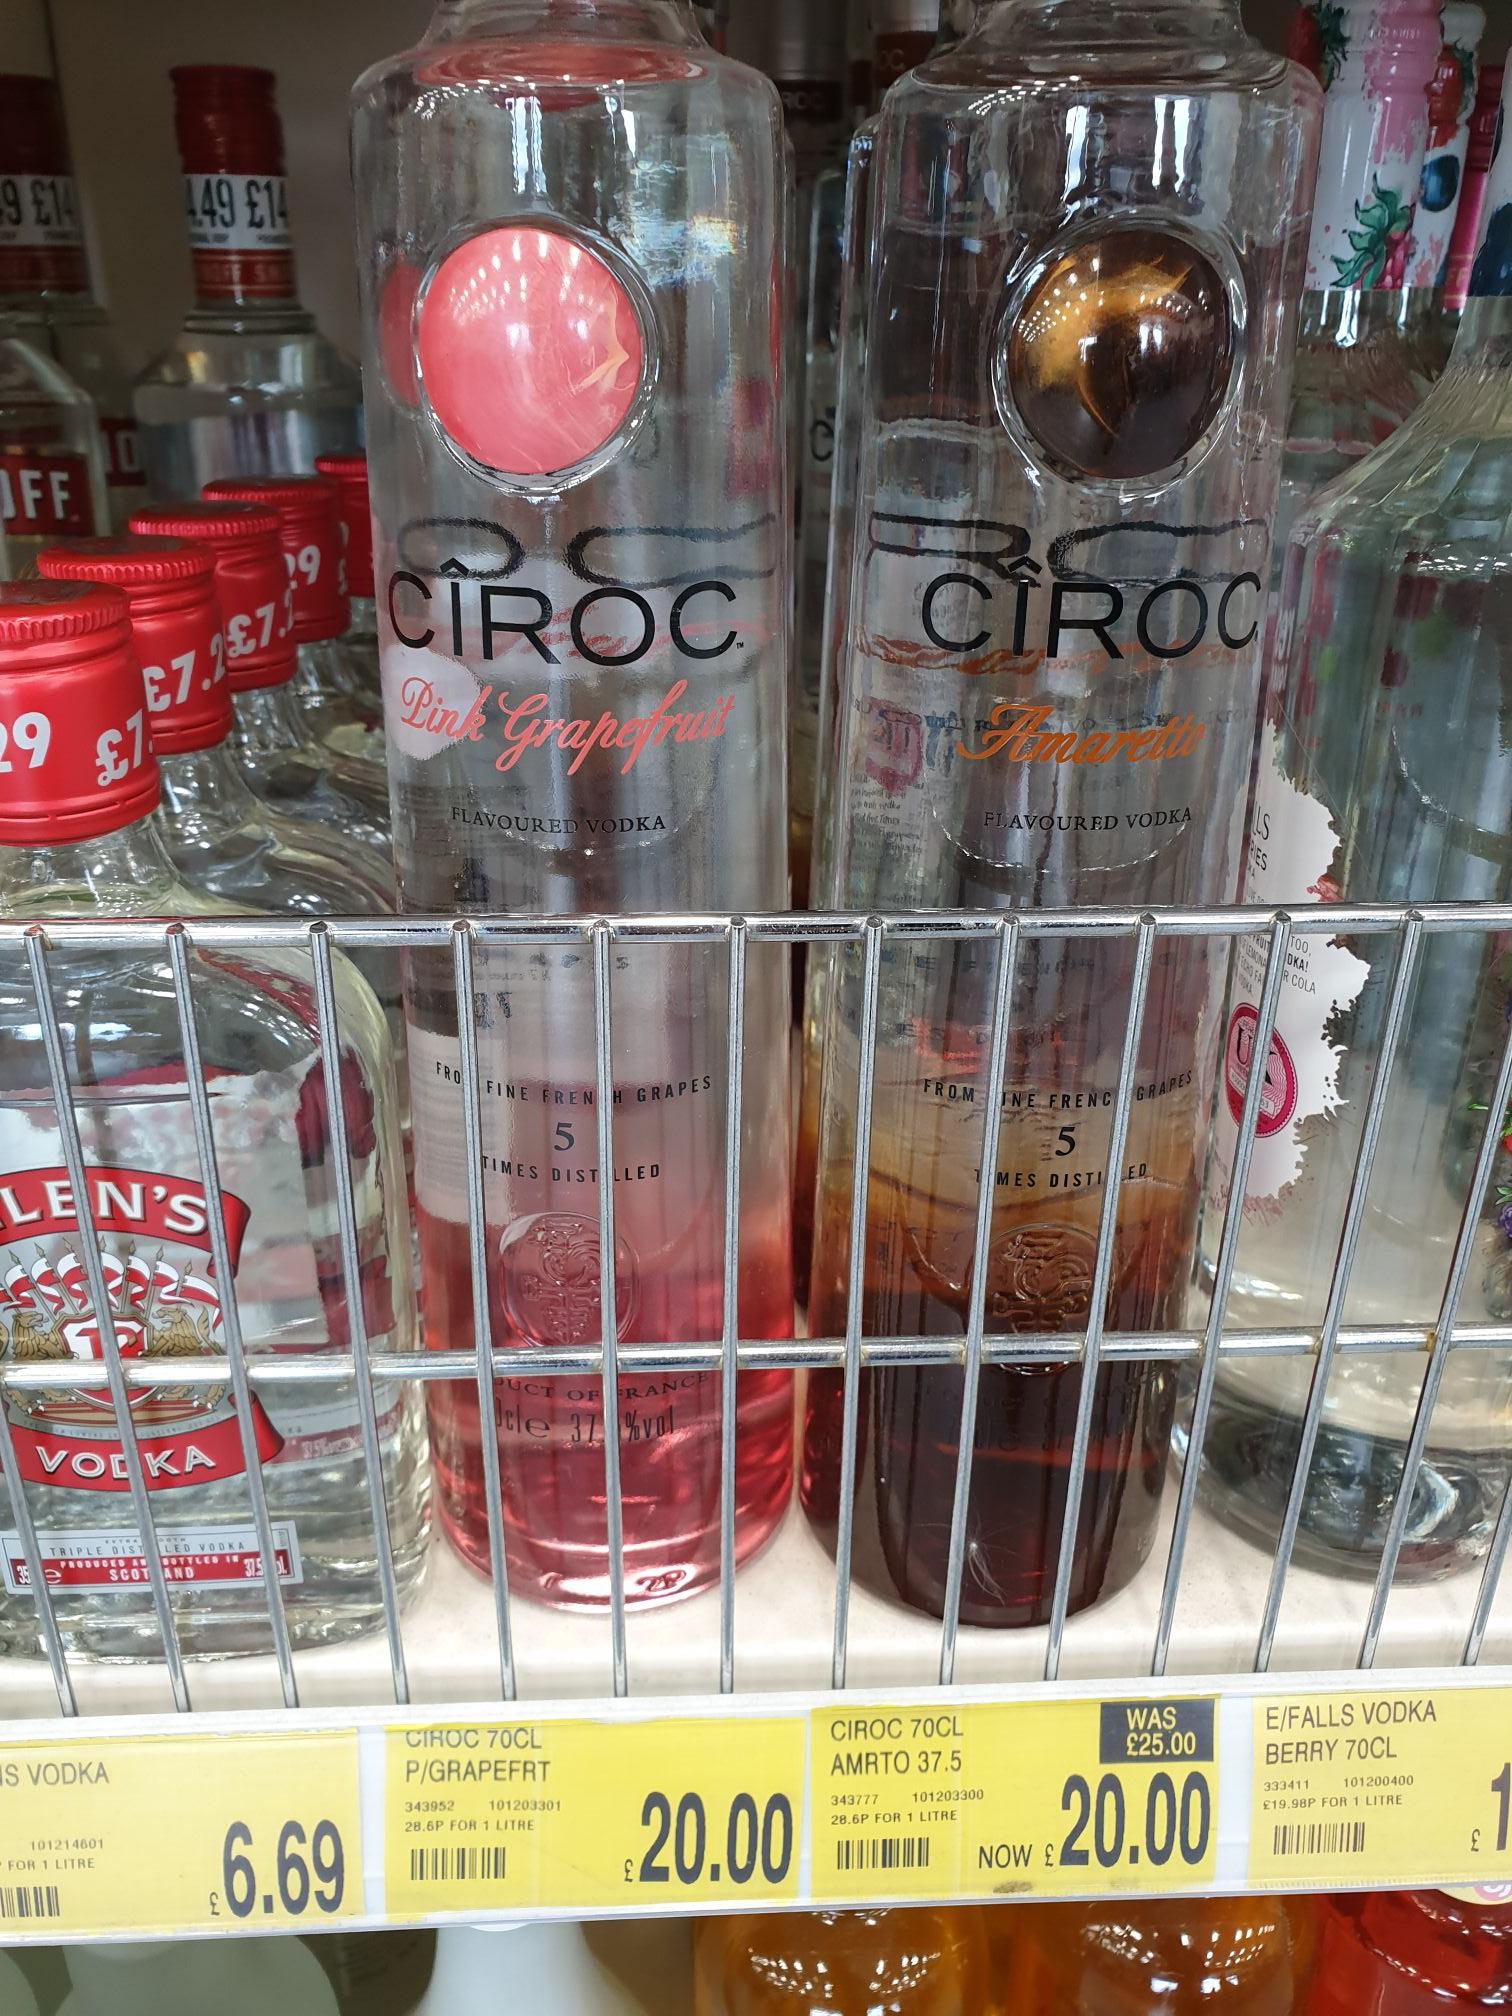 Ciroc vodka B&M bargains - £20 instore